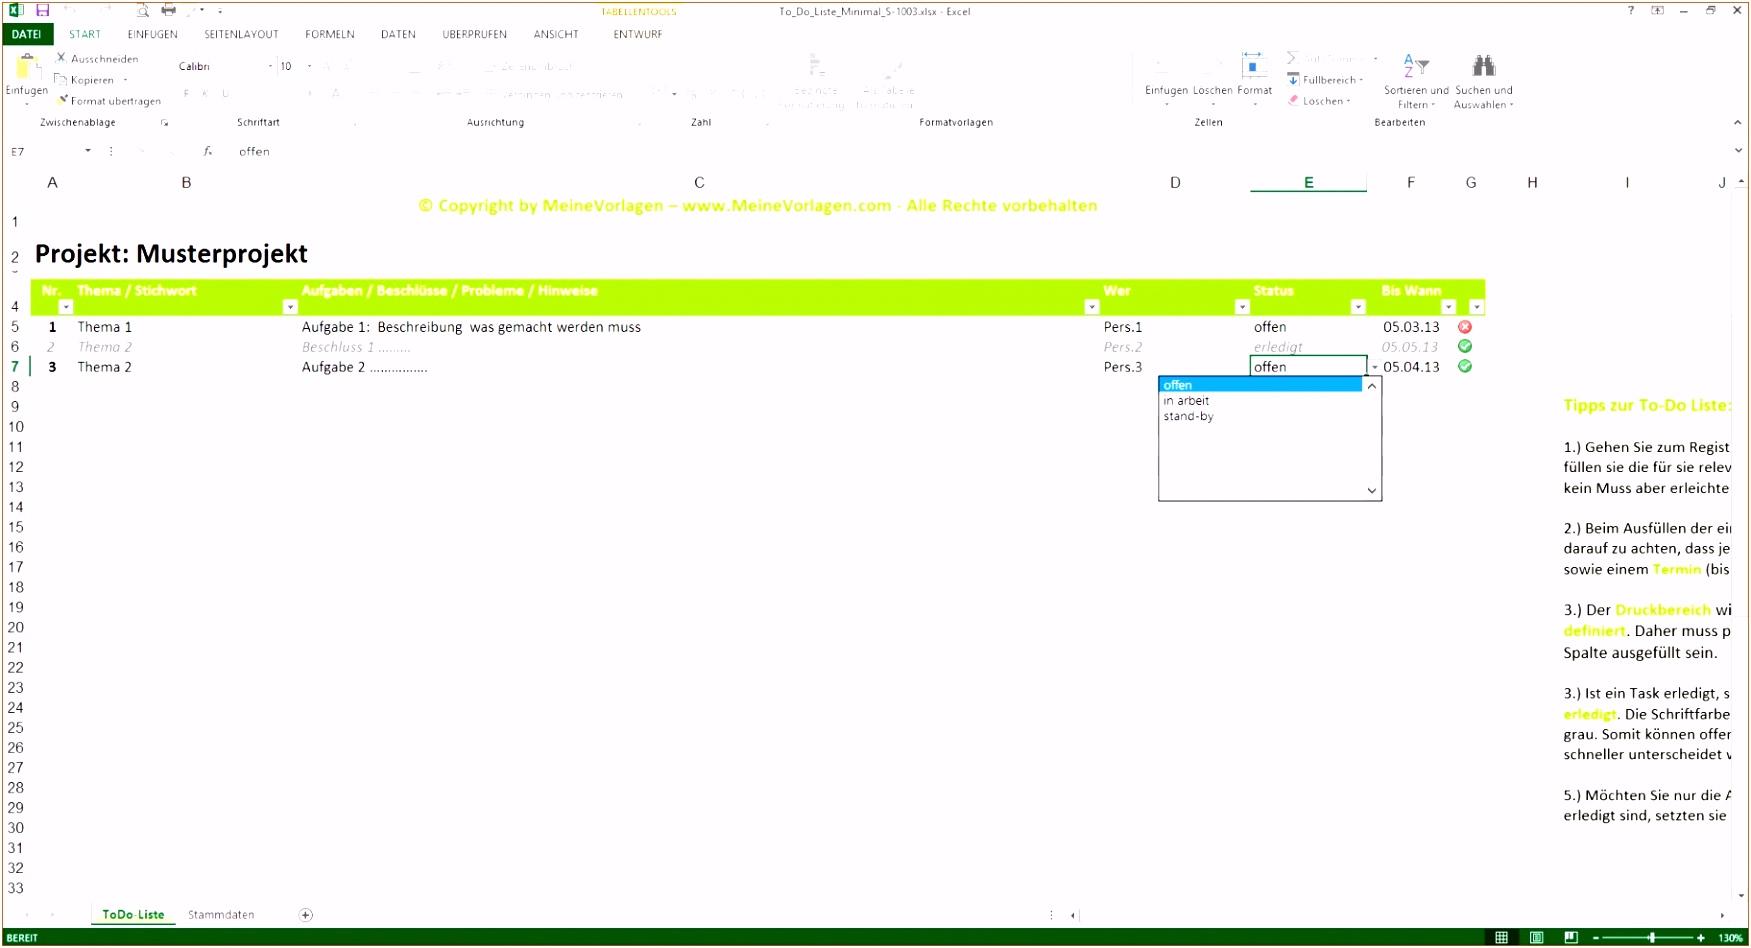 7 Tracking Excel Vorlage Vorlagen123 Vorlagen123 ViewLetter CO